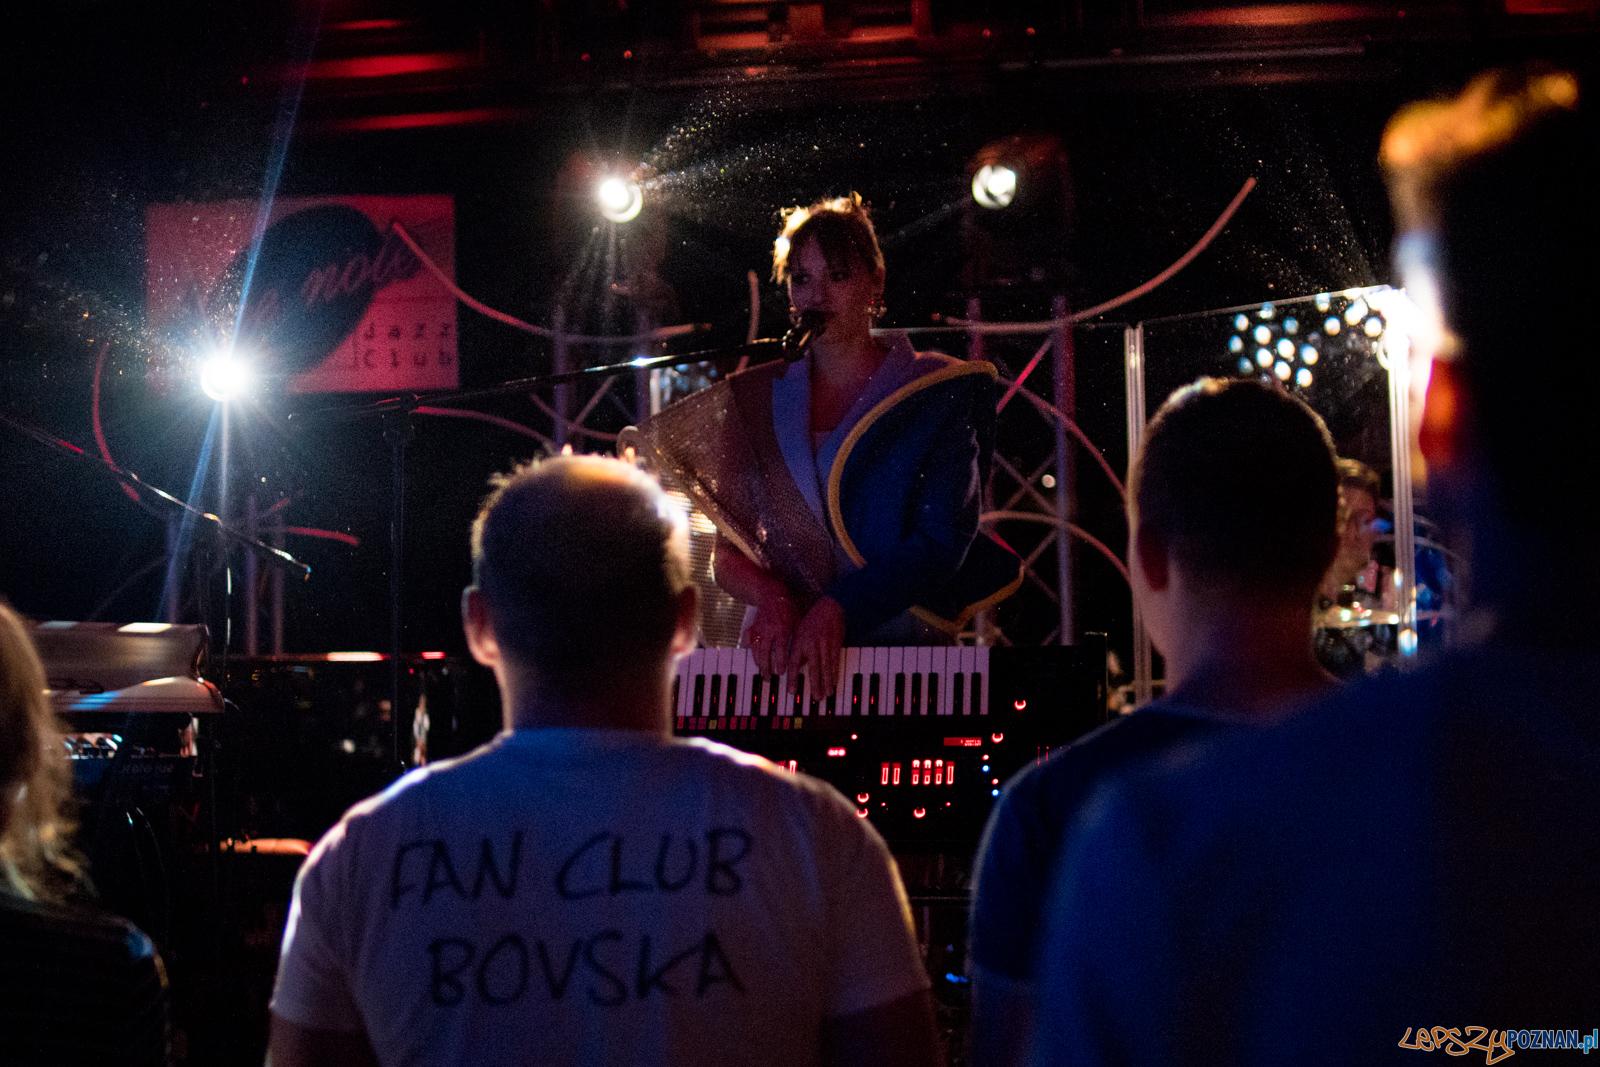 Bovska  Foto: lepszyPOZNAN.pl / Ewelina Jaśkowiak